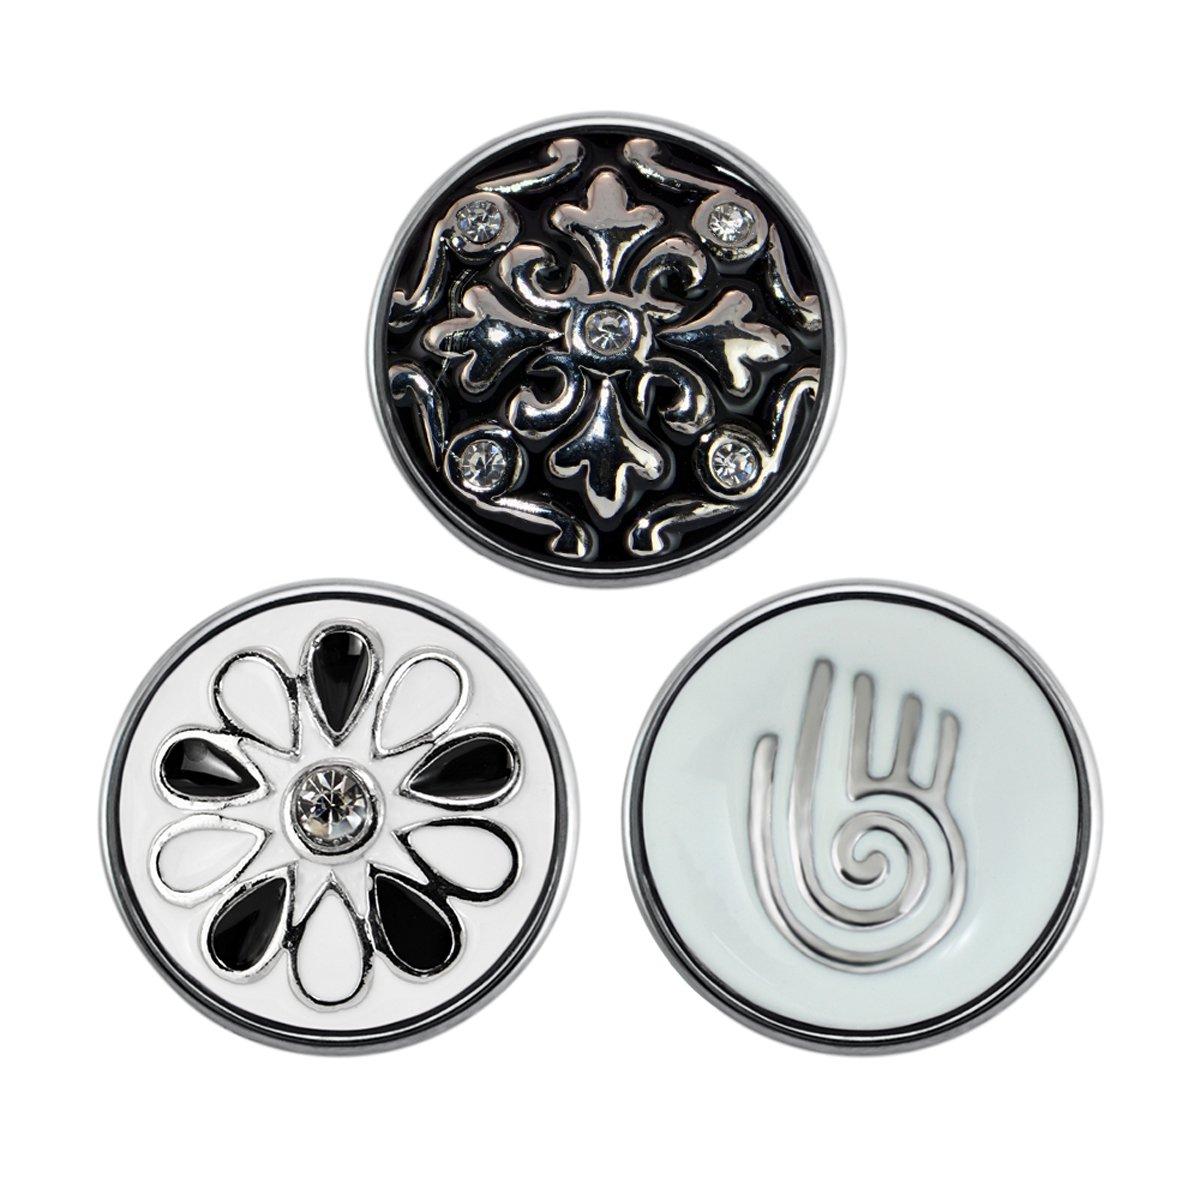 Quiges - Chunk 18mm Click Button Drukknoop Set van 3 Stuks Symbolen Wit en Zwart - EBCMSET016 kopen